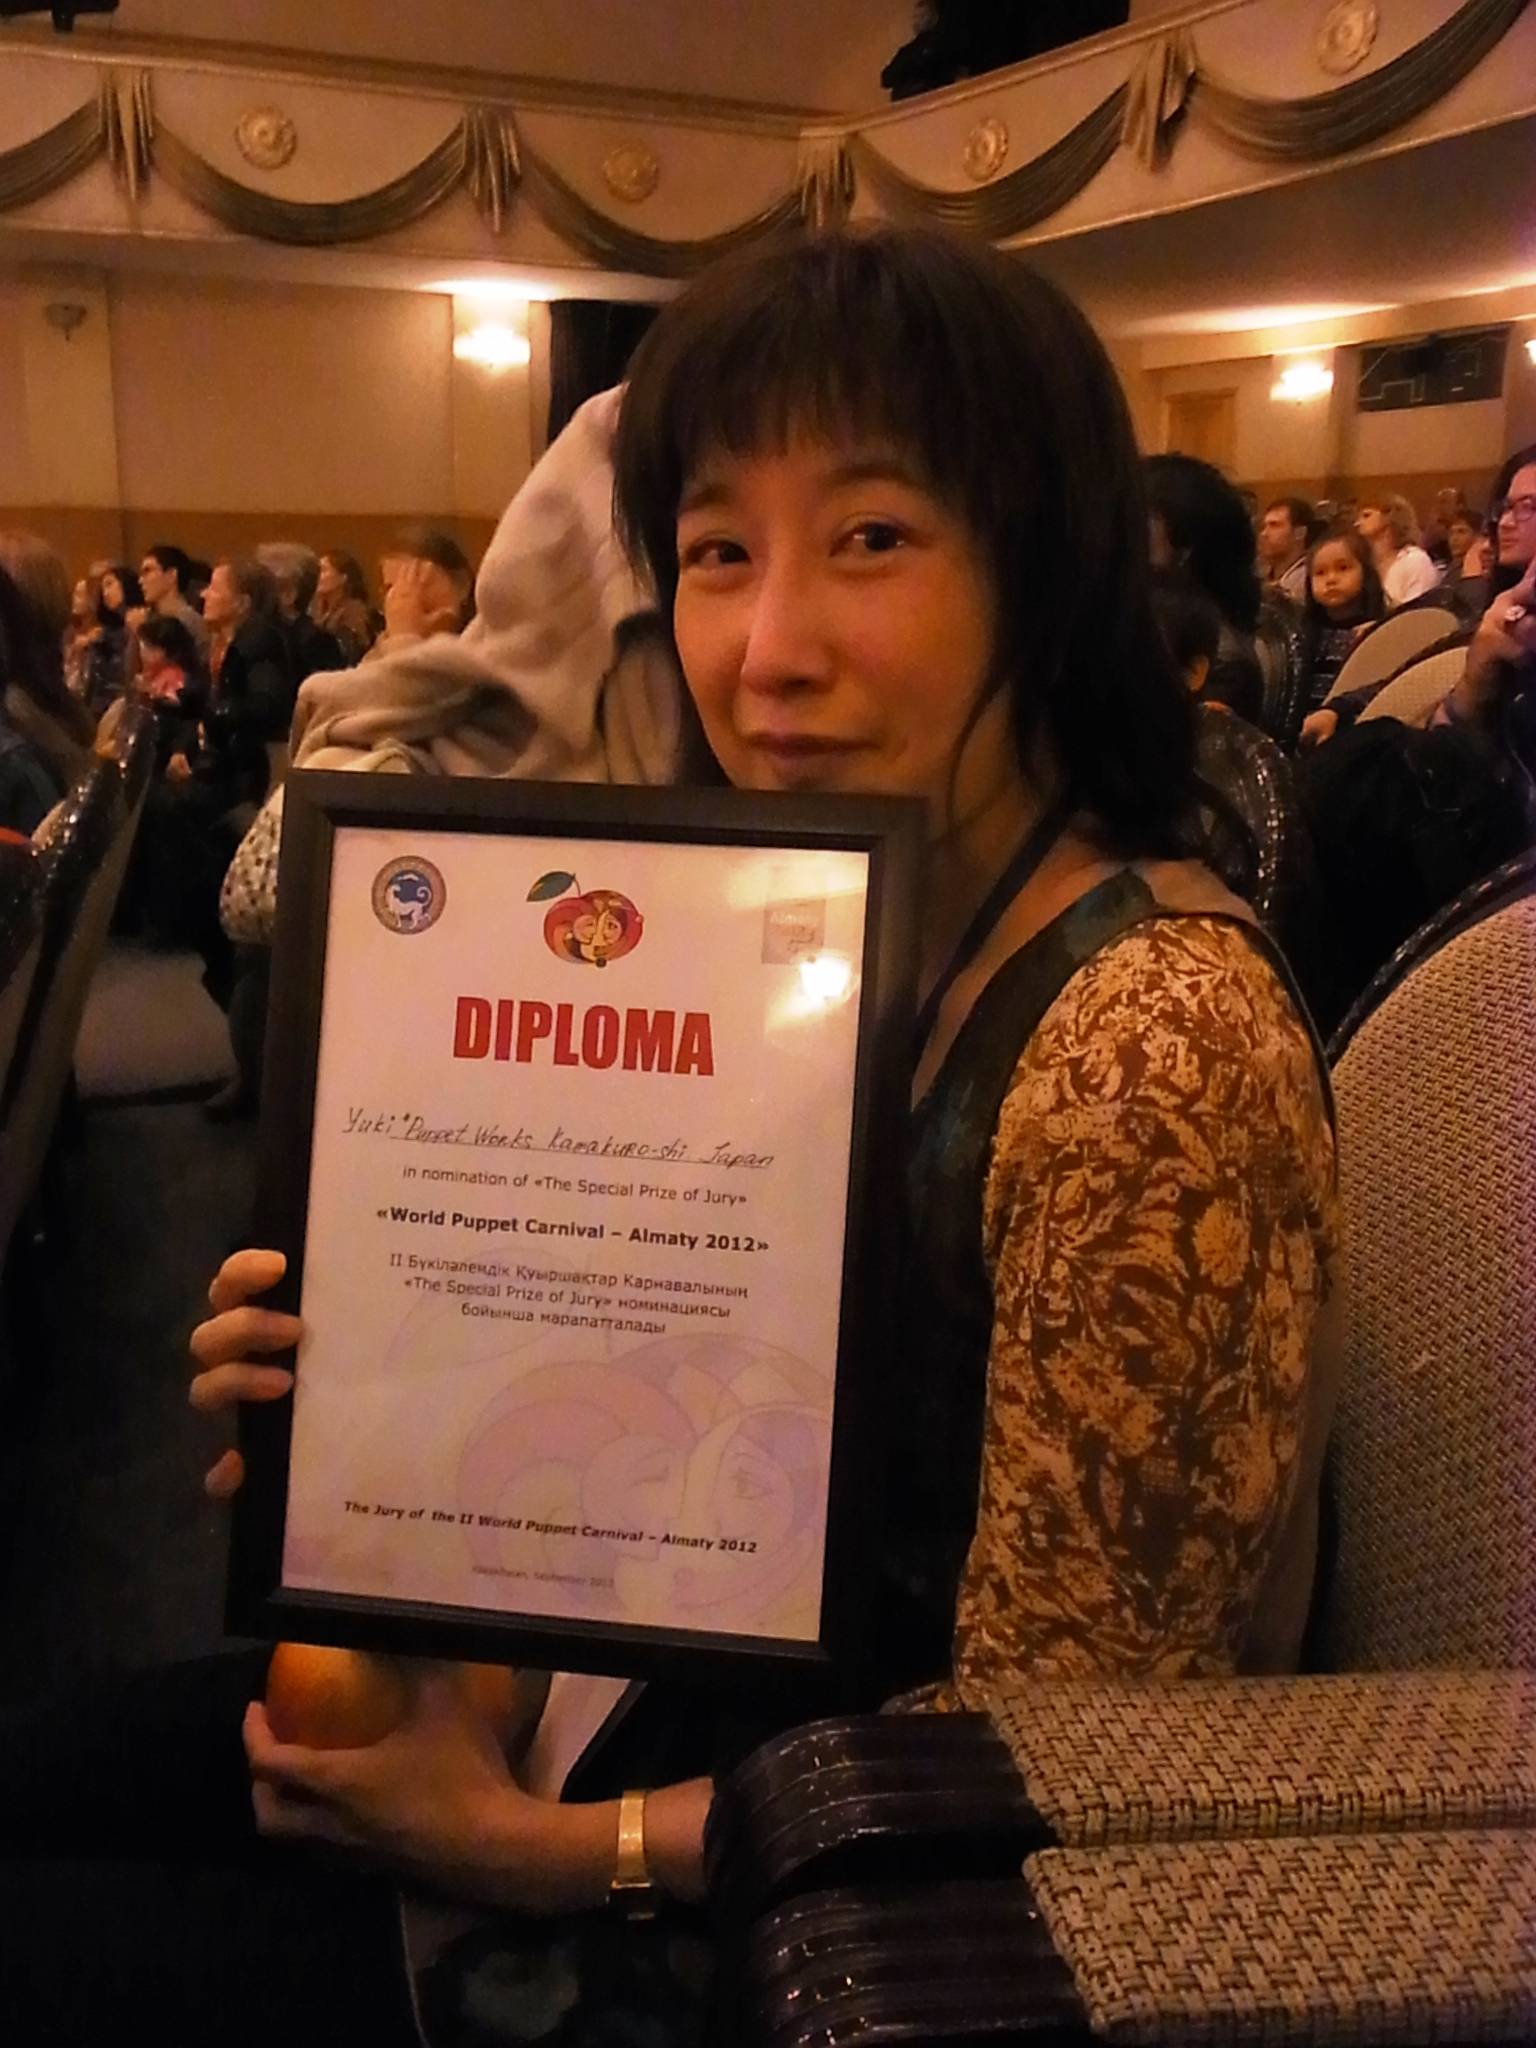 @ 世界人形劇カーニバル2012